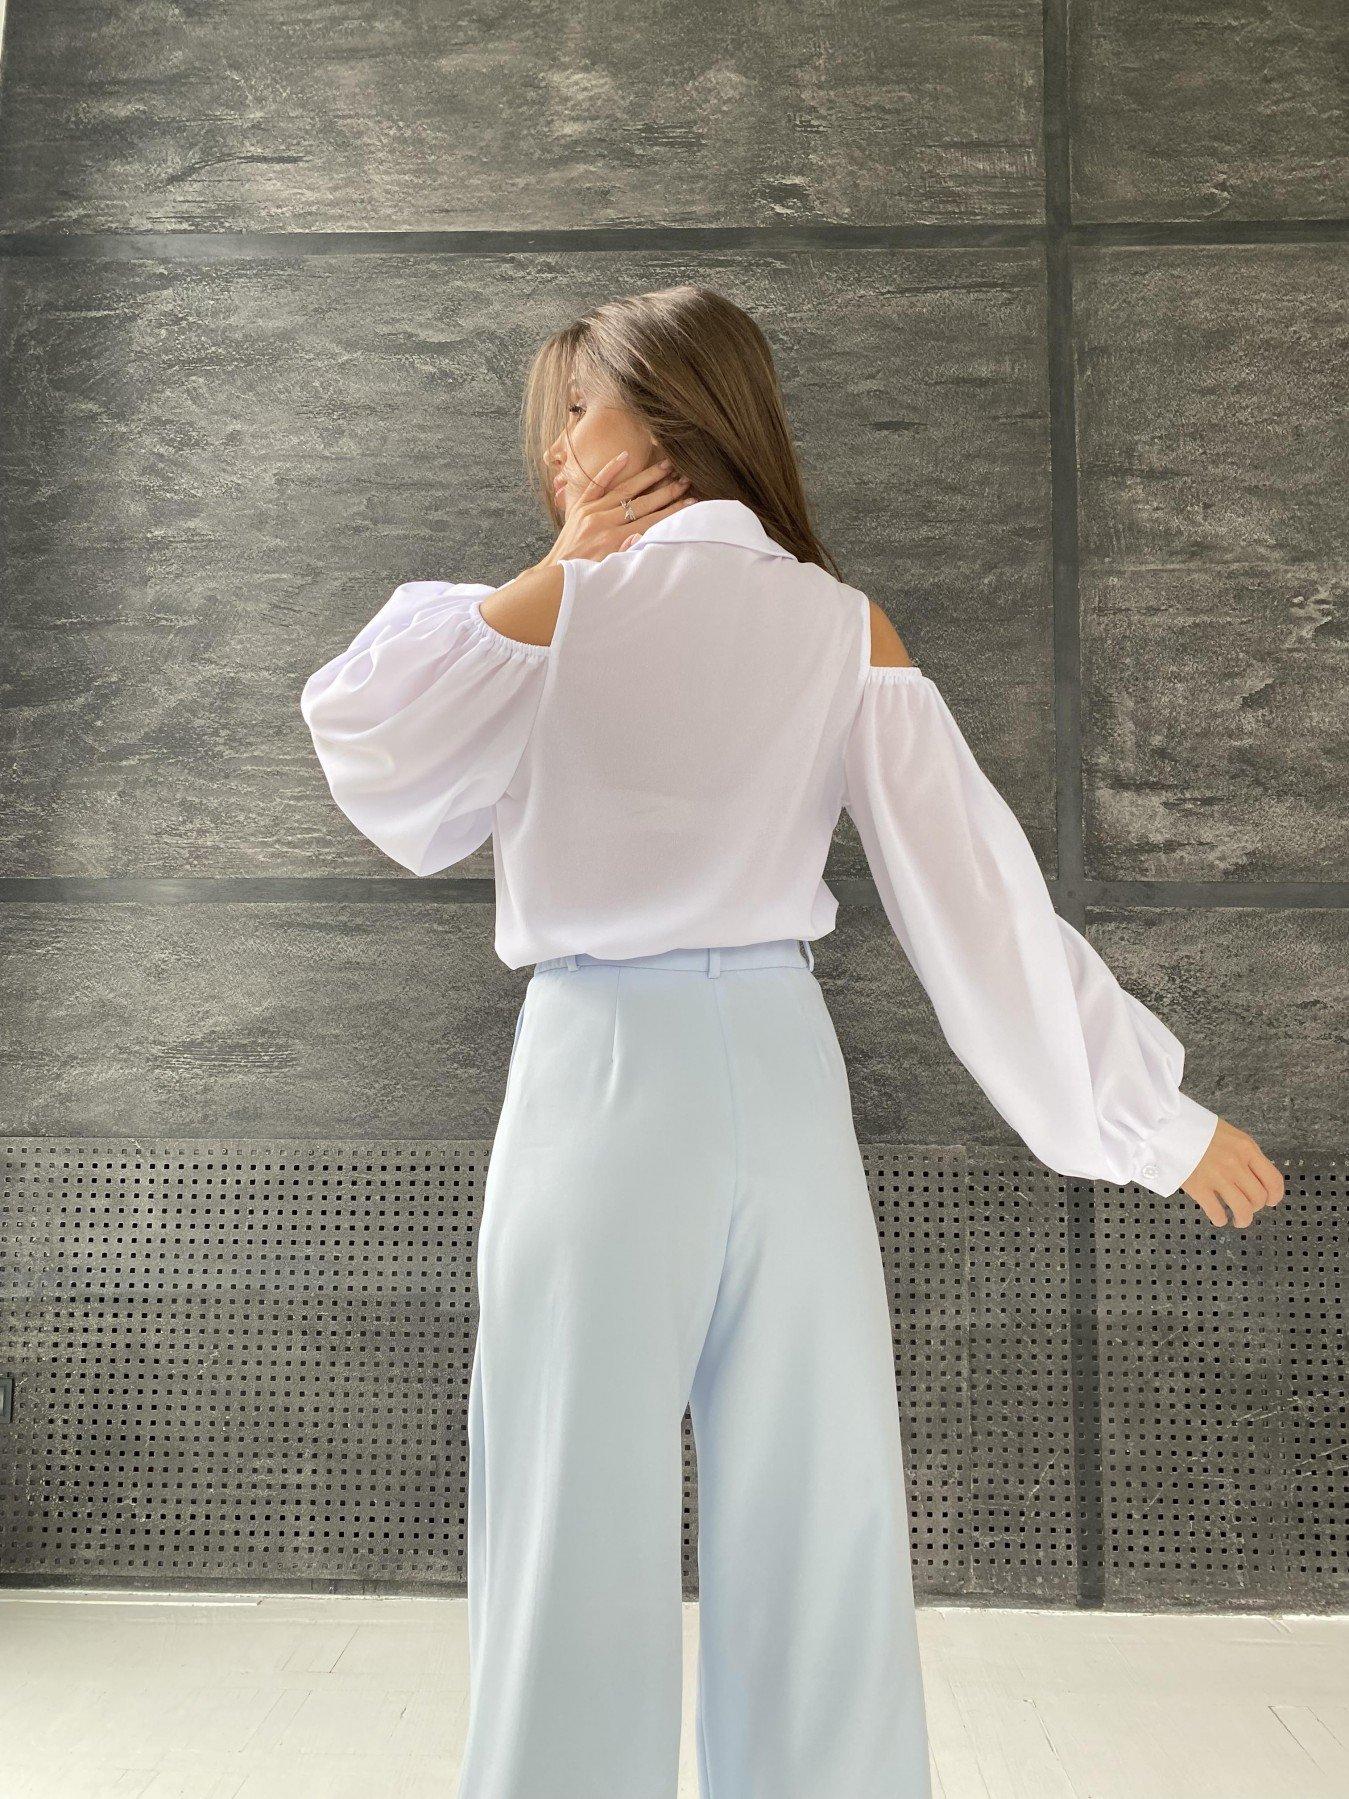 Адель блуза из креп креш шифона 11657 АРТ. 48371 Цвет: Белый - фото 8, интернет магазин tm-modus.ru